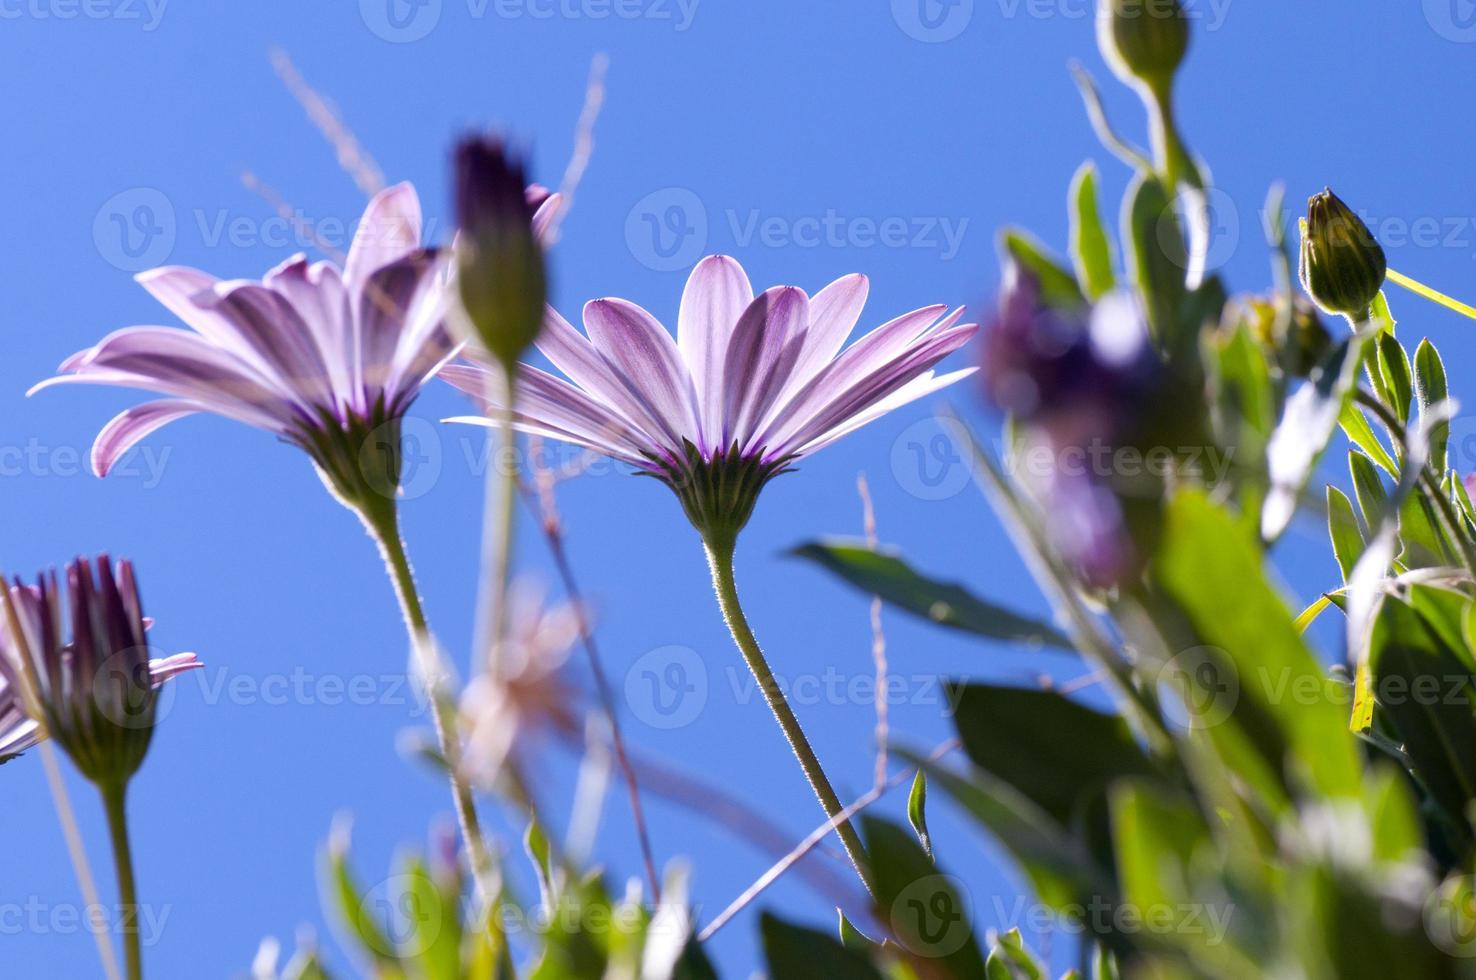 fiore colorato su sfondo blu cielo foto